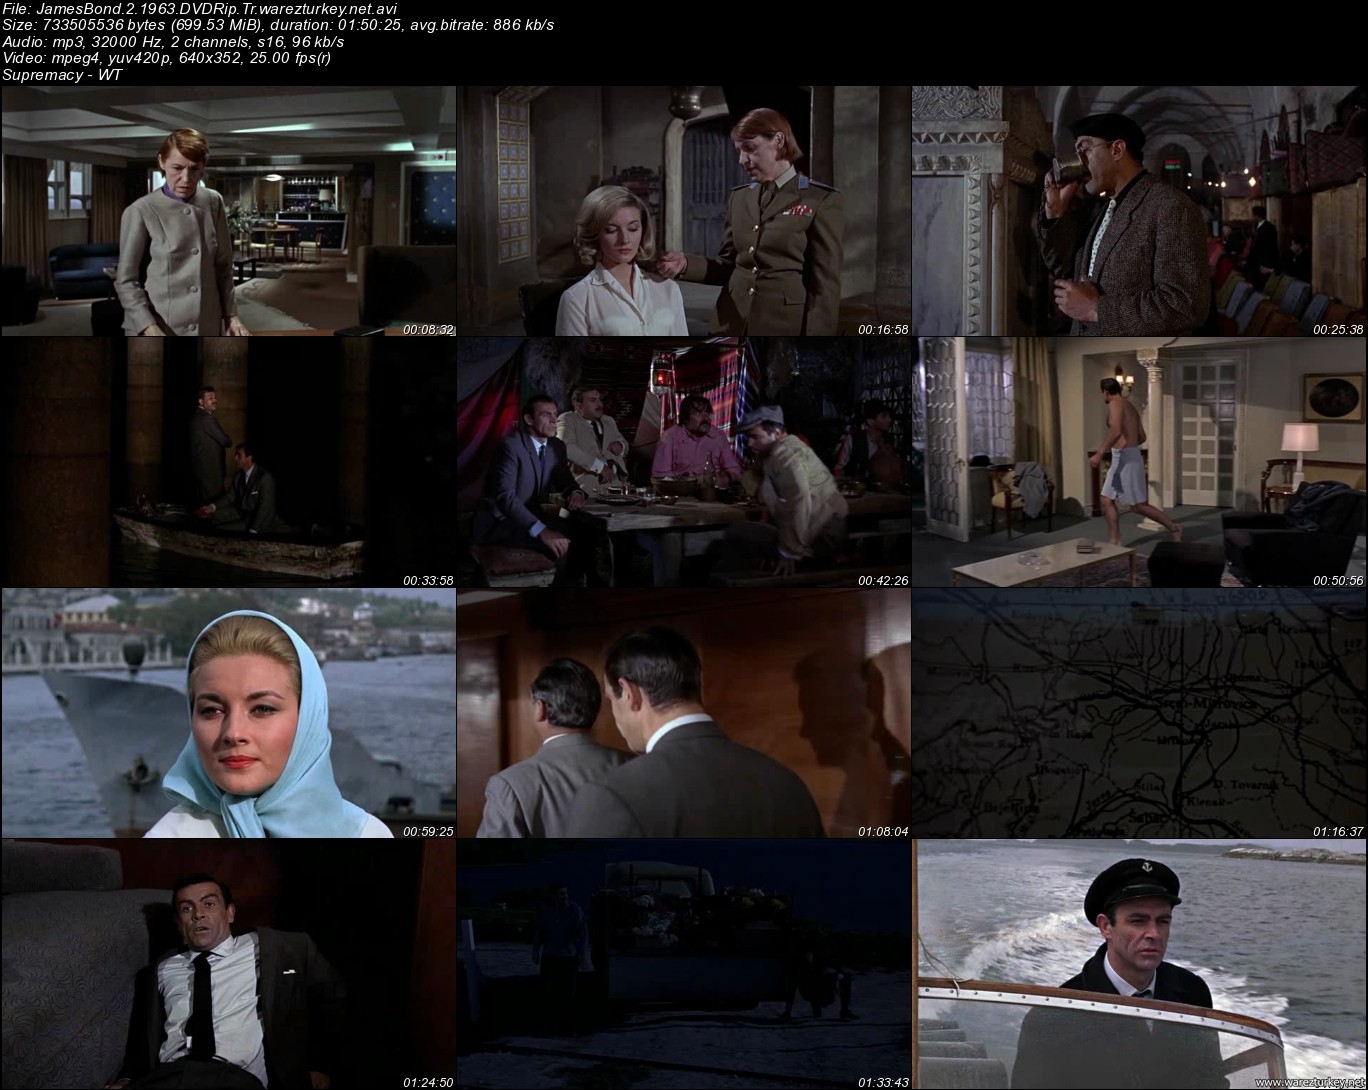 007 James Bond Serisi 1962-2008 DVDRip XviD - Türkçe Dublaj Tek Link indir